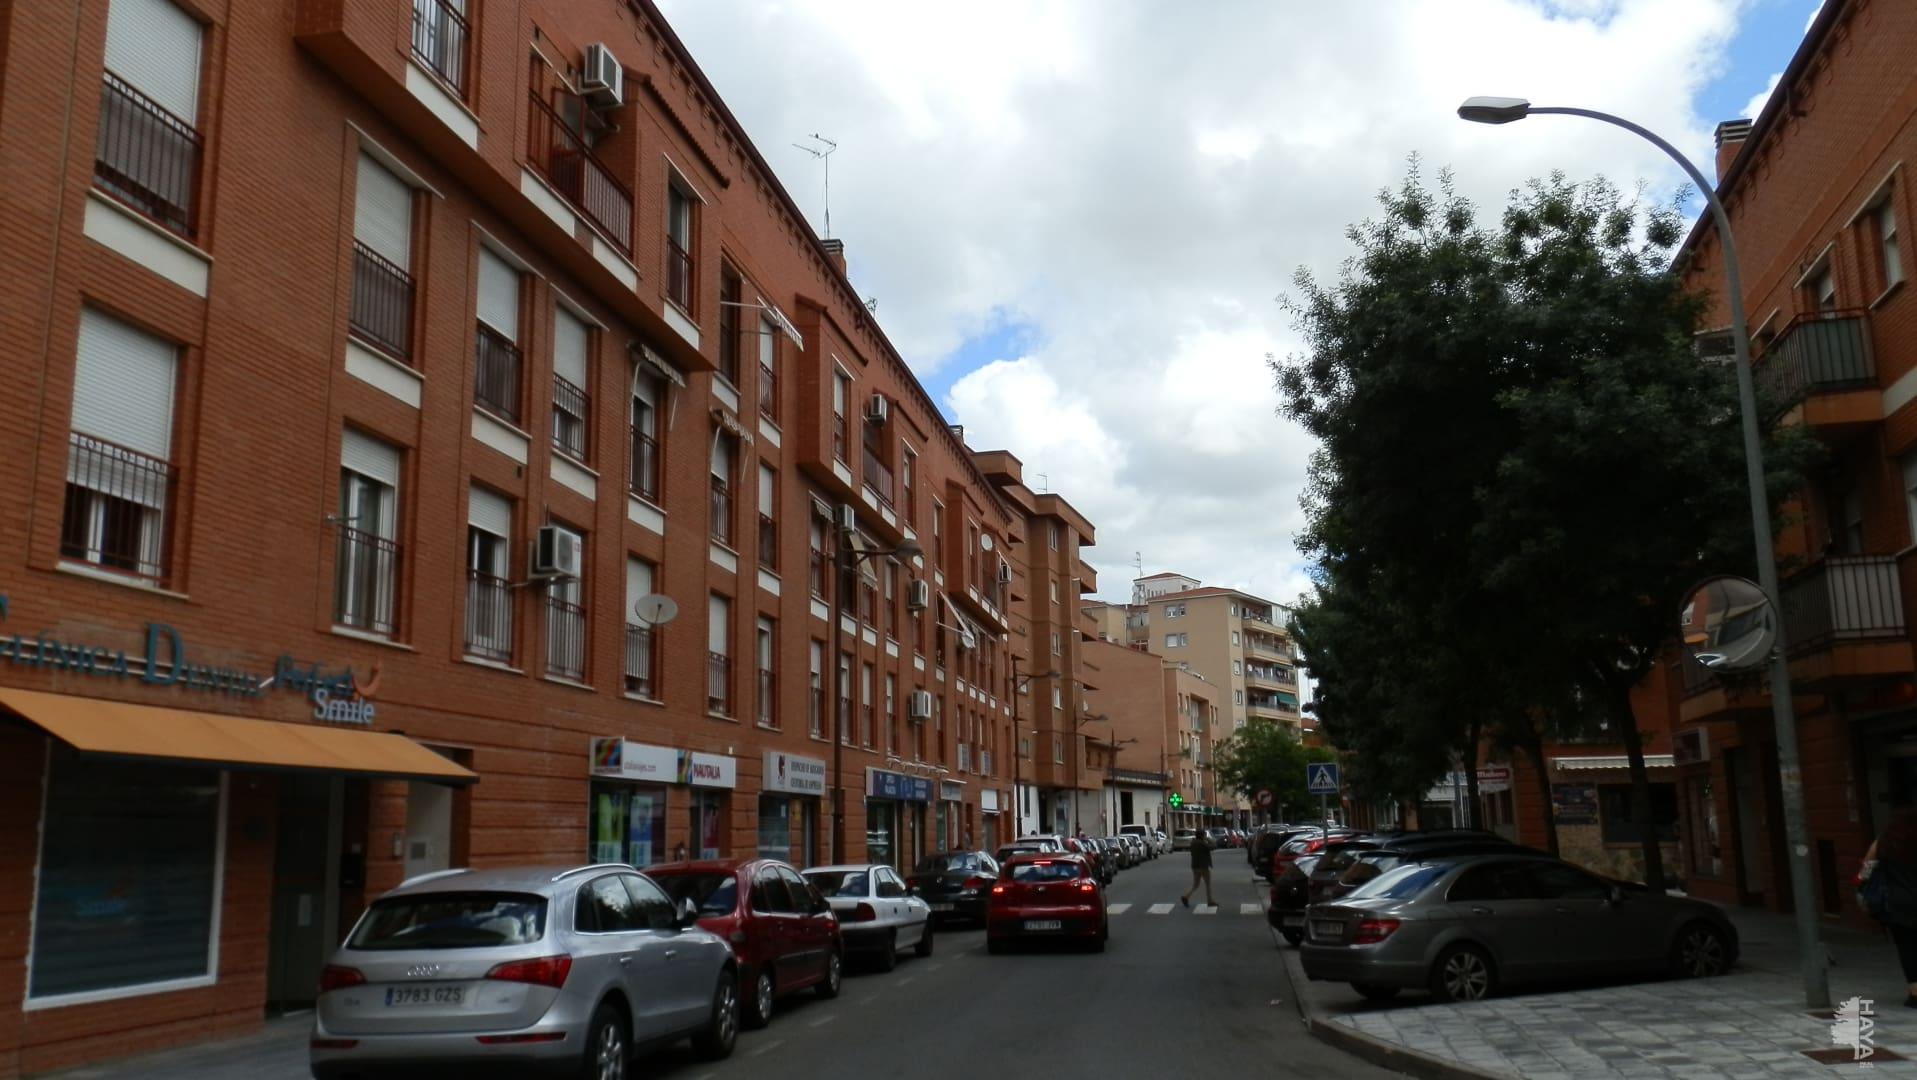 Piso en venta en Azuqueca de Henares, Guadalajara, Calle Cuenca, 95.993 €, 2 habitaciones, 1 baño, 87 m2